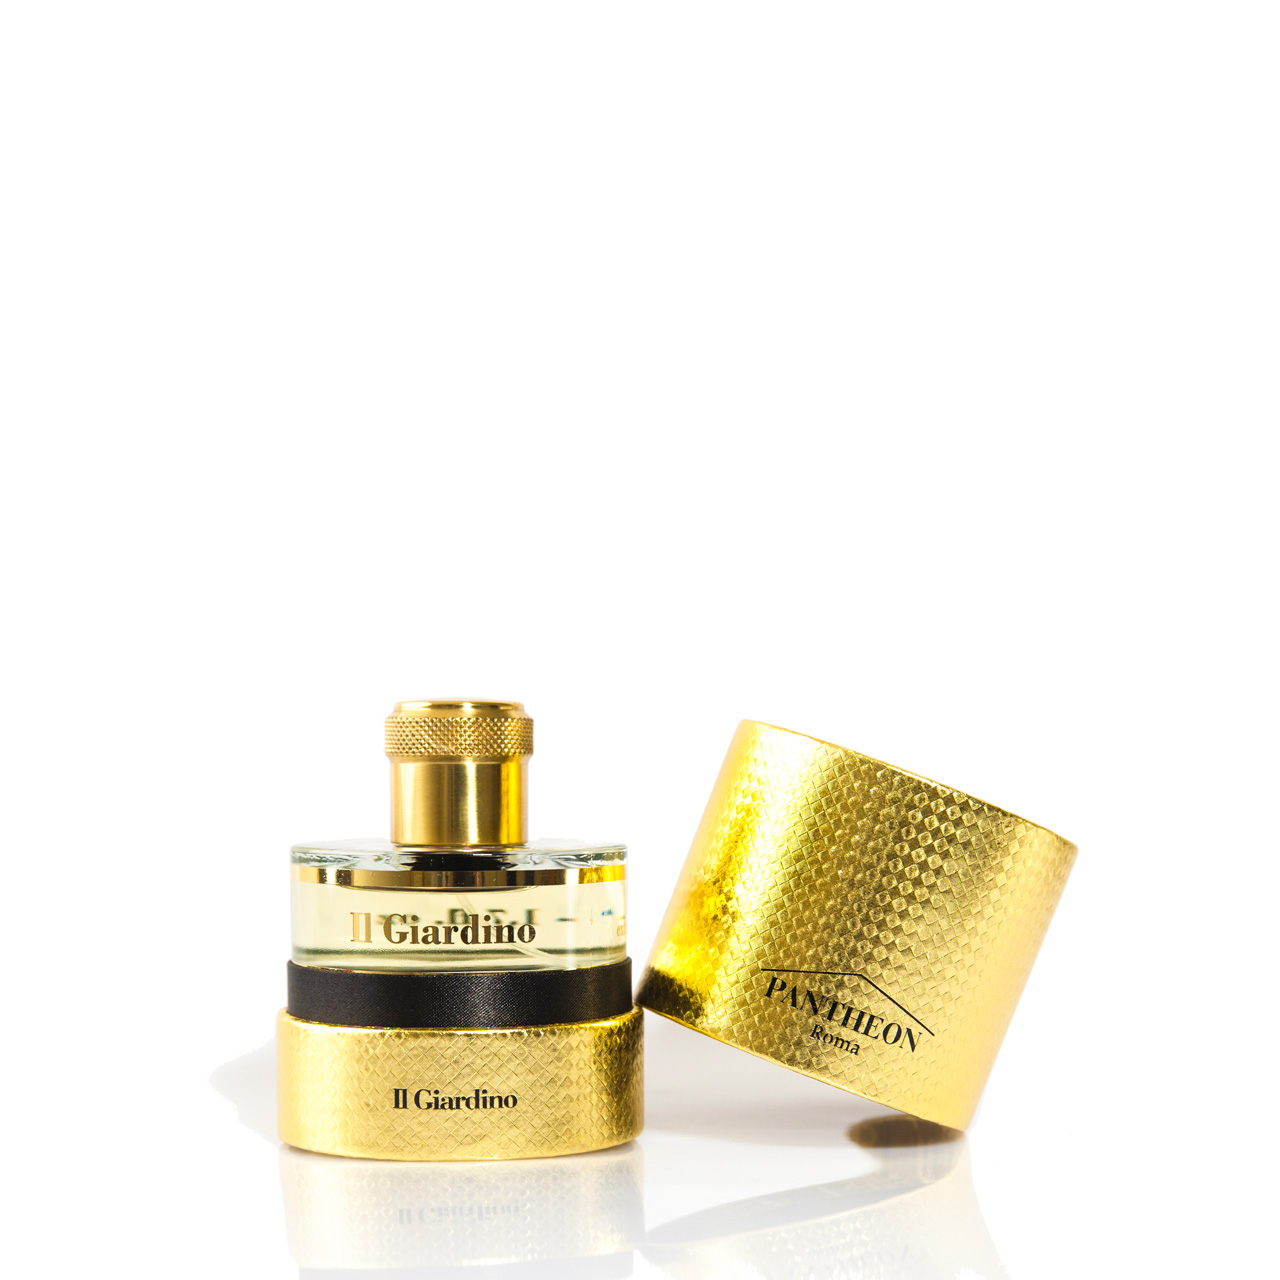 Il Giardino - Eau de Parfum